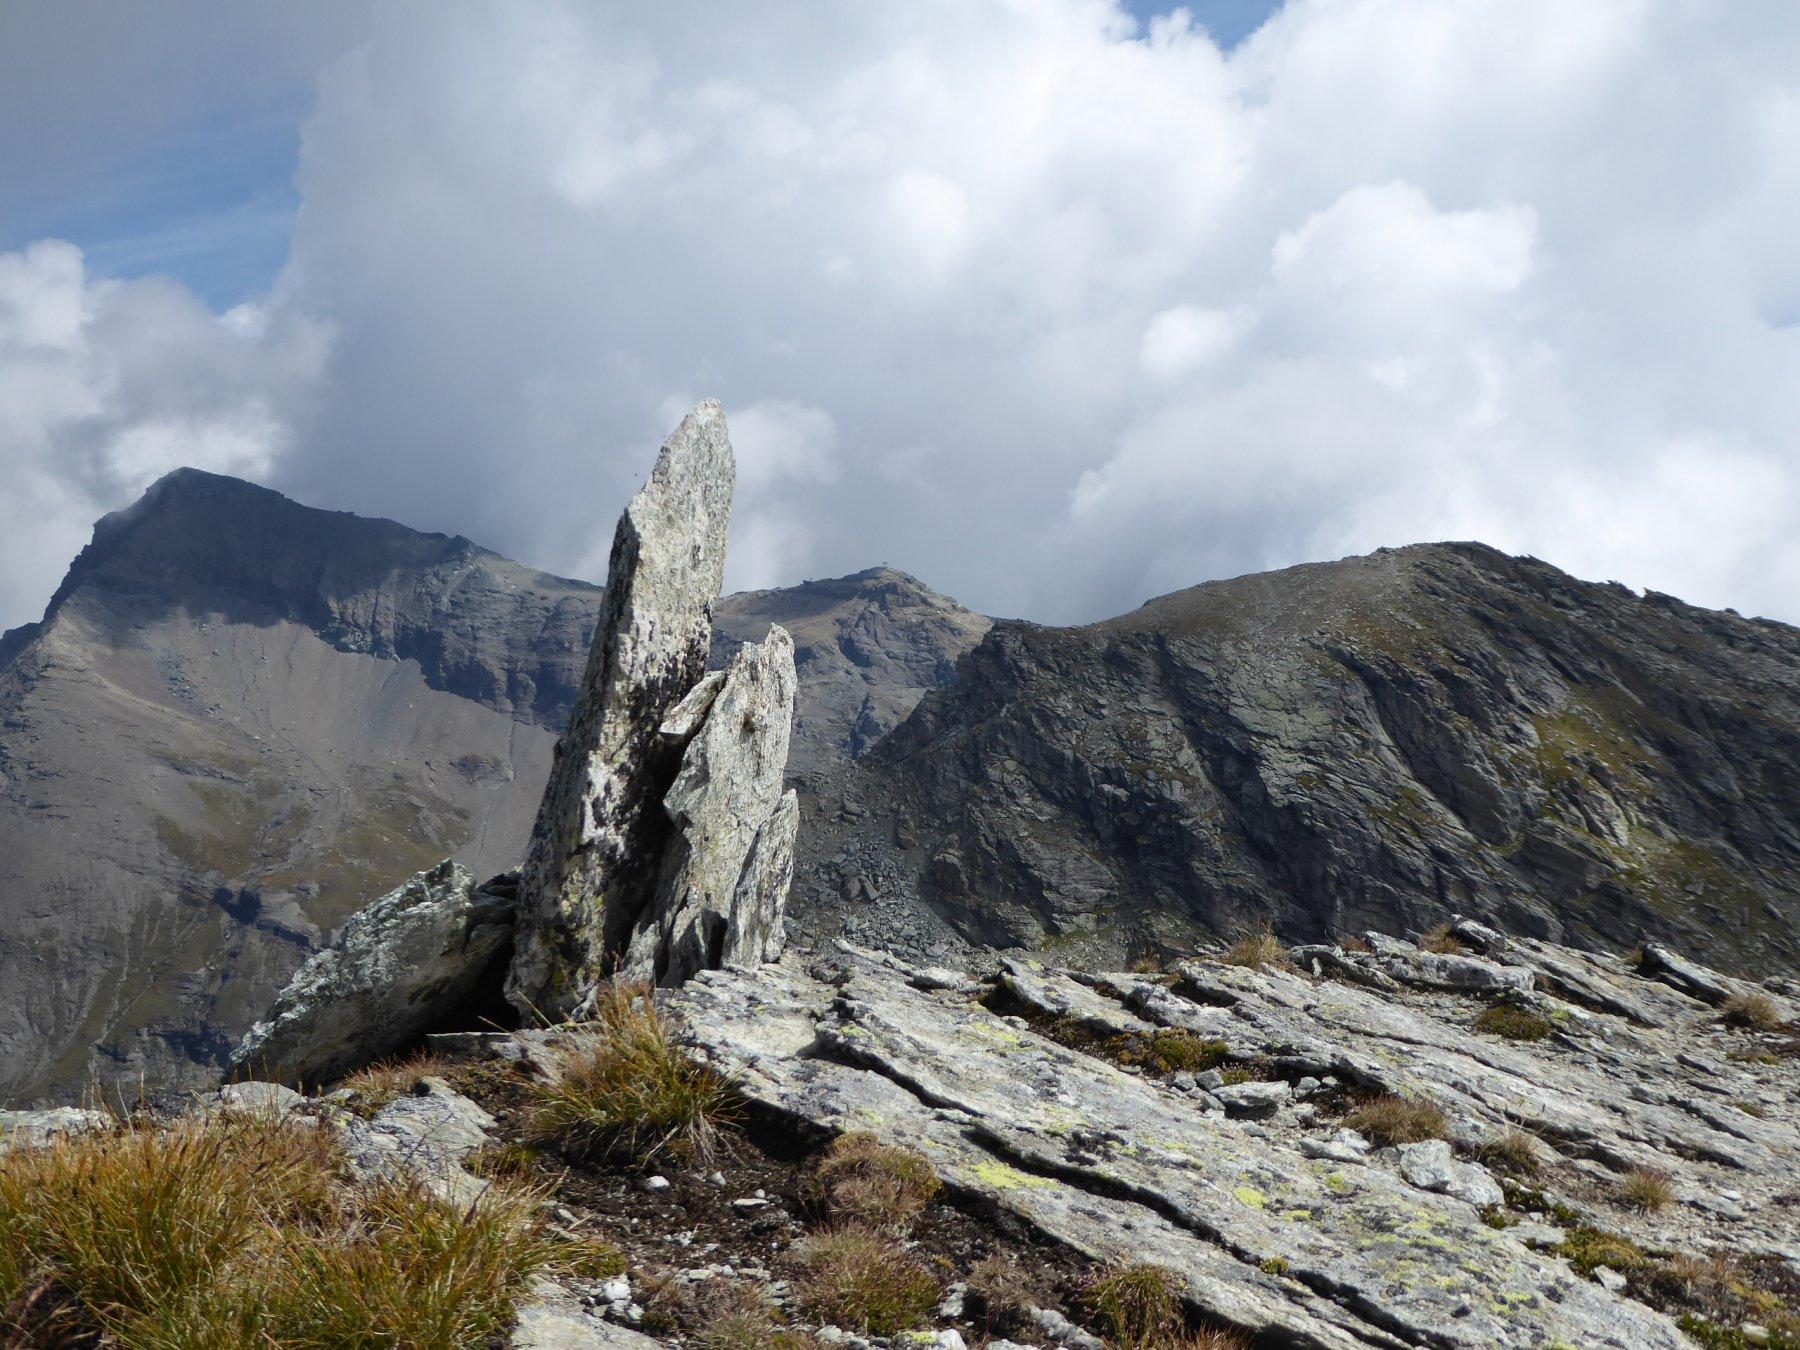 dal monte Perrin: Testa Grigia, Pinter e Gran Cima